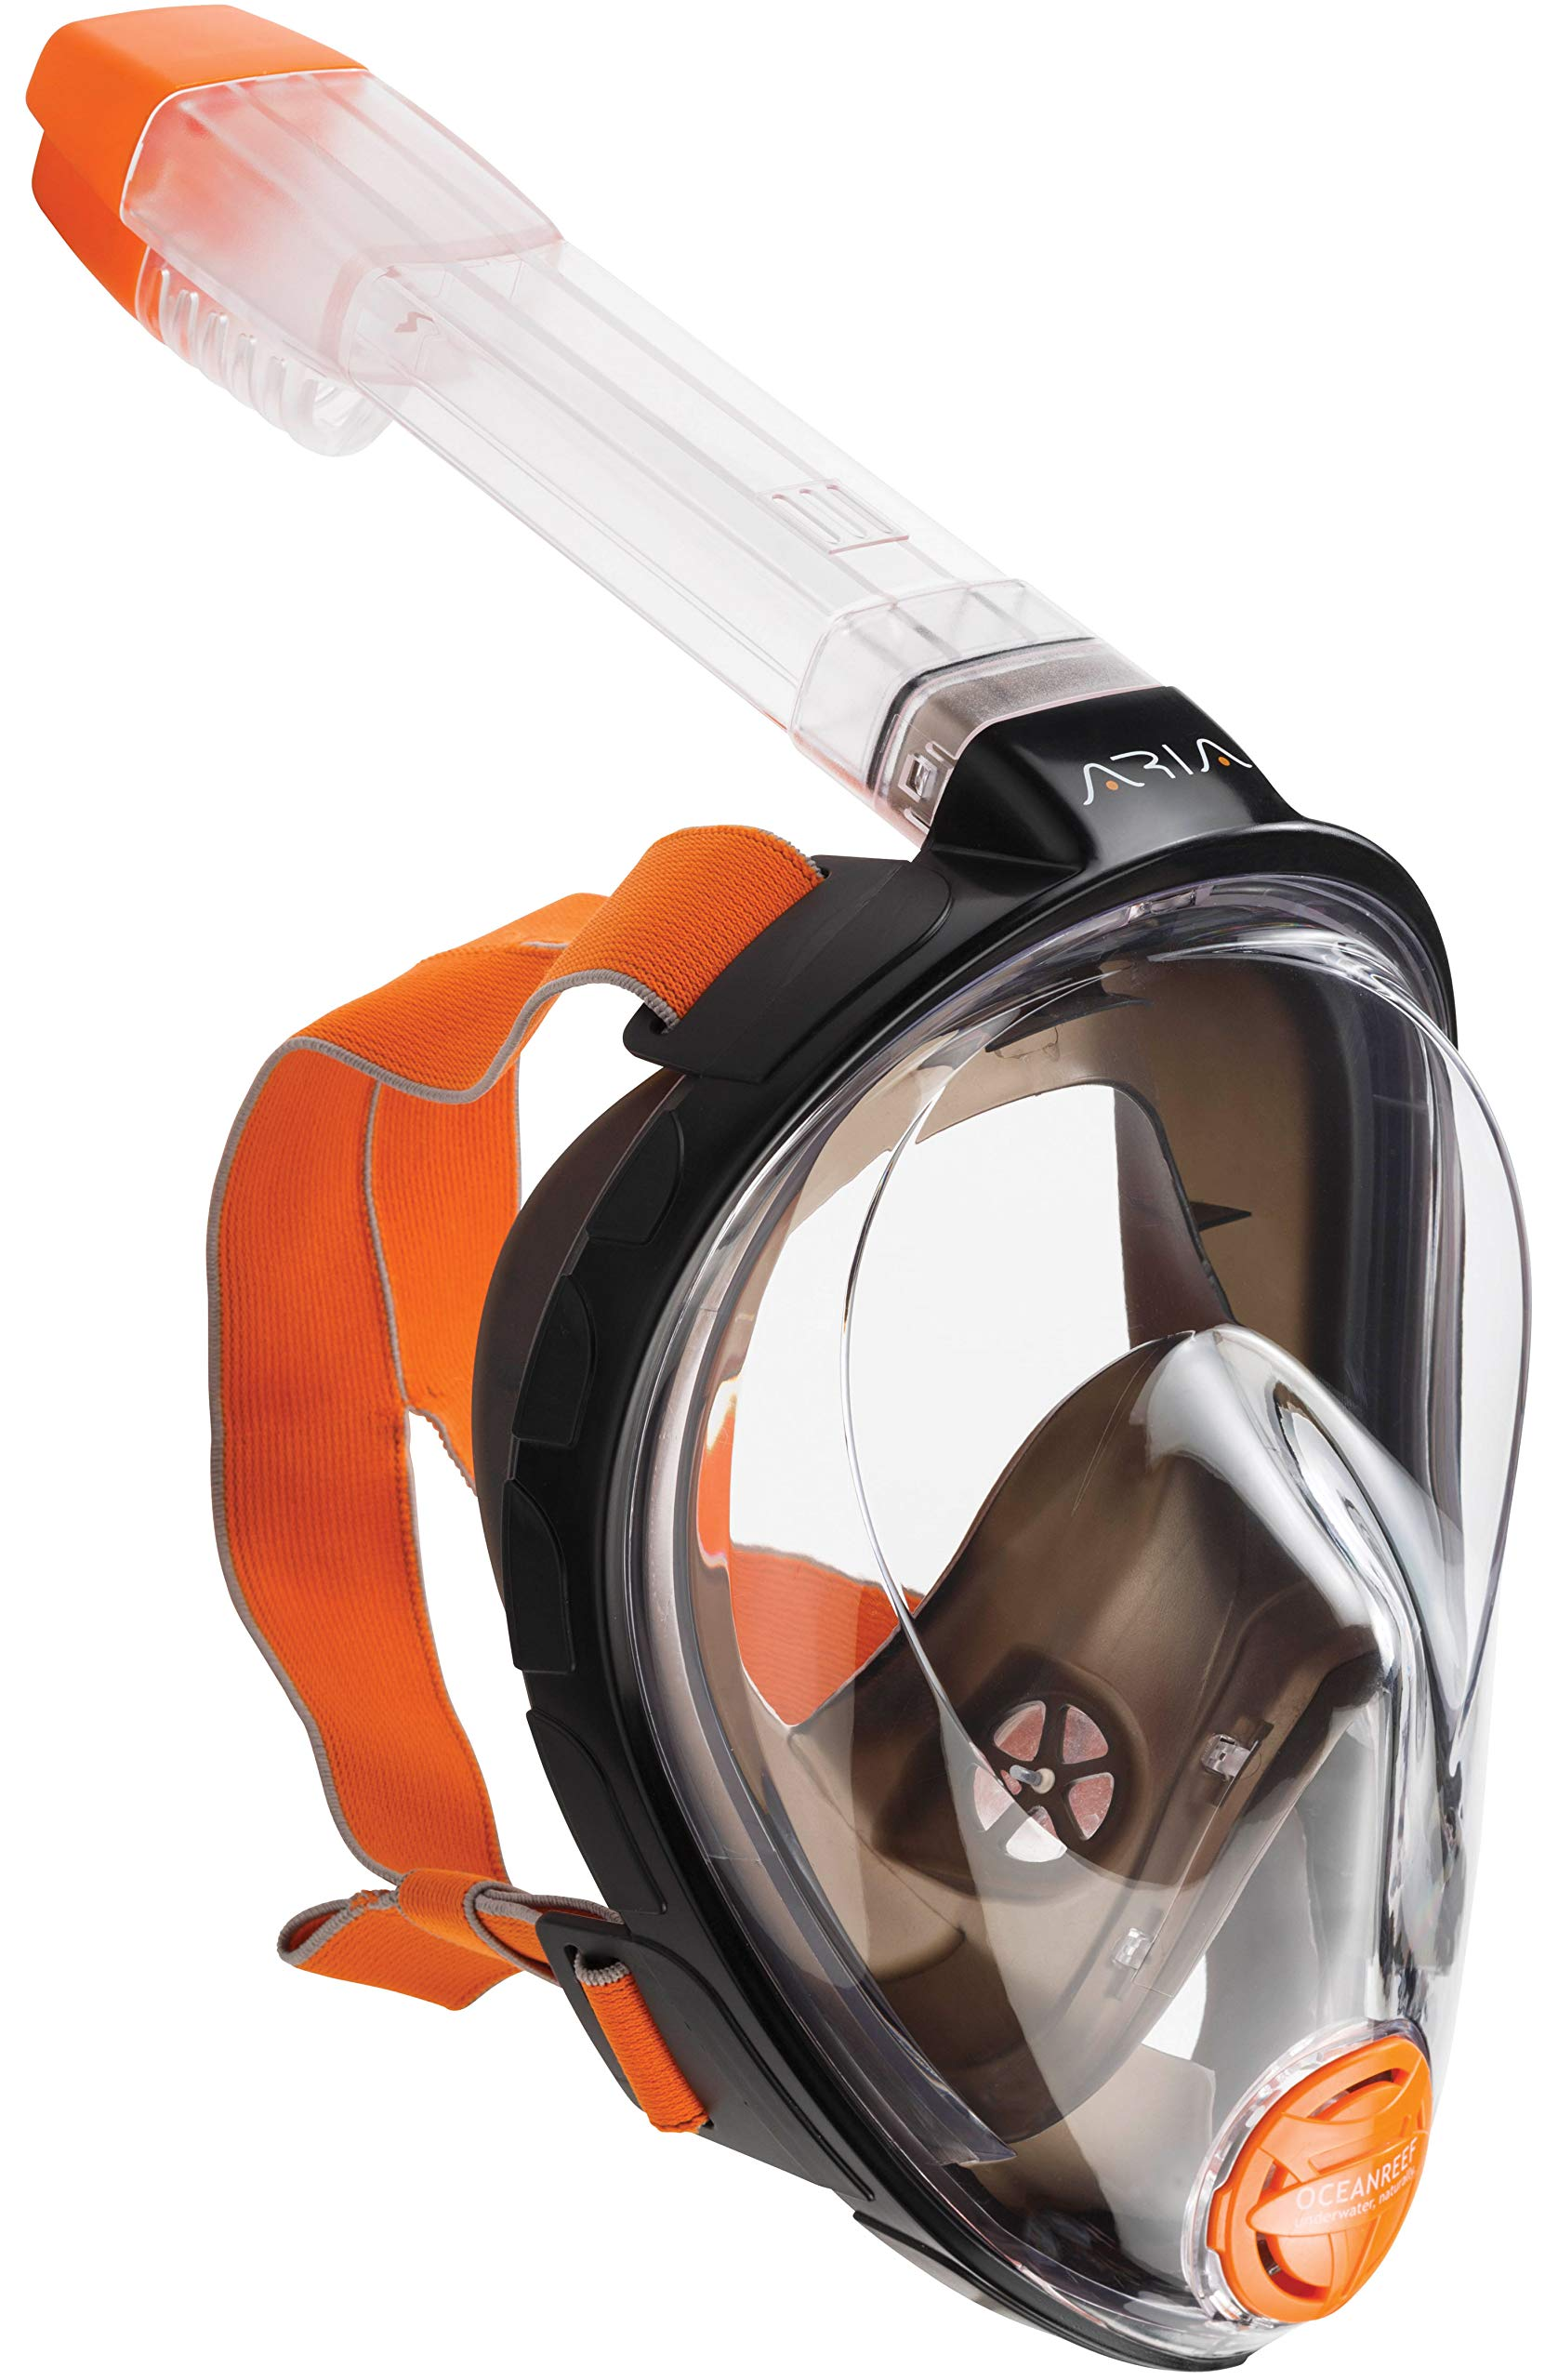 Ocean Reef Aria Full Face Snorkel Mask (Black, Large / Extra Large) by Ocean Reef